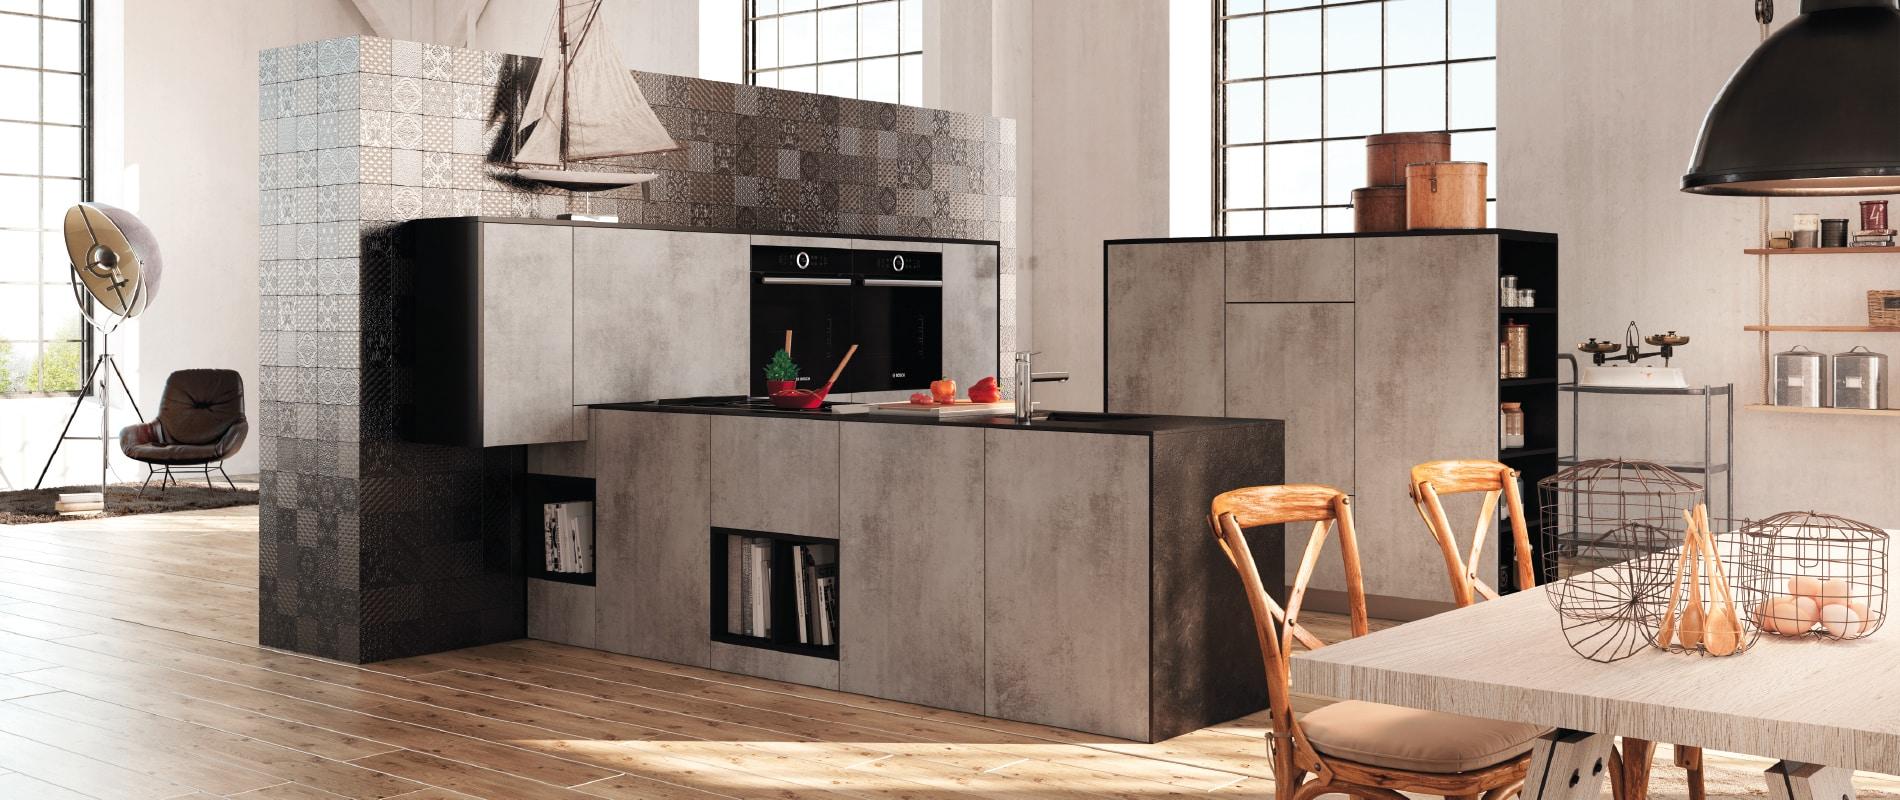 Cuisines morel cuisiniste fabricant sur mesure marque haut de gamme fran aise - Fabricant de cuisine haut de gamme ...